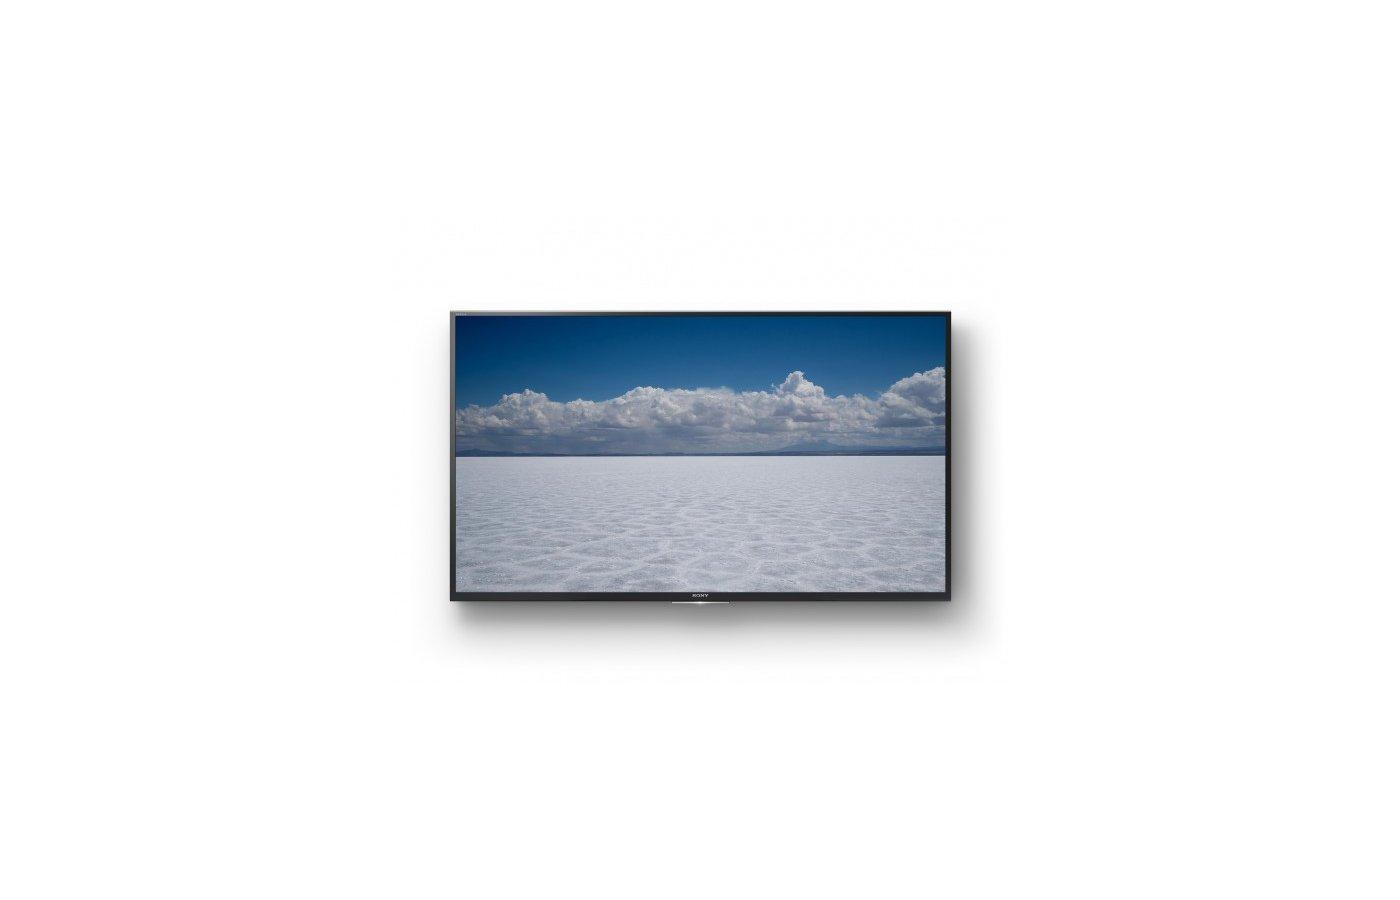 4K (Ultra HD) телевизор SONY KD-65XD7505